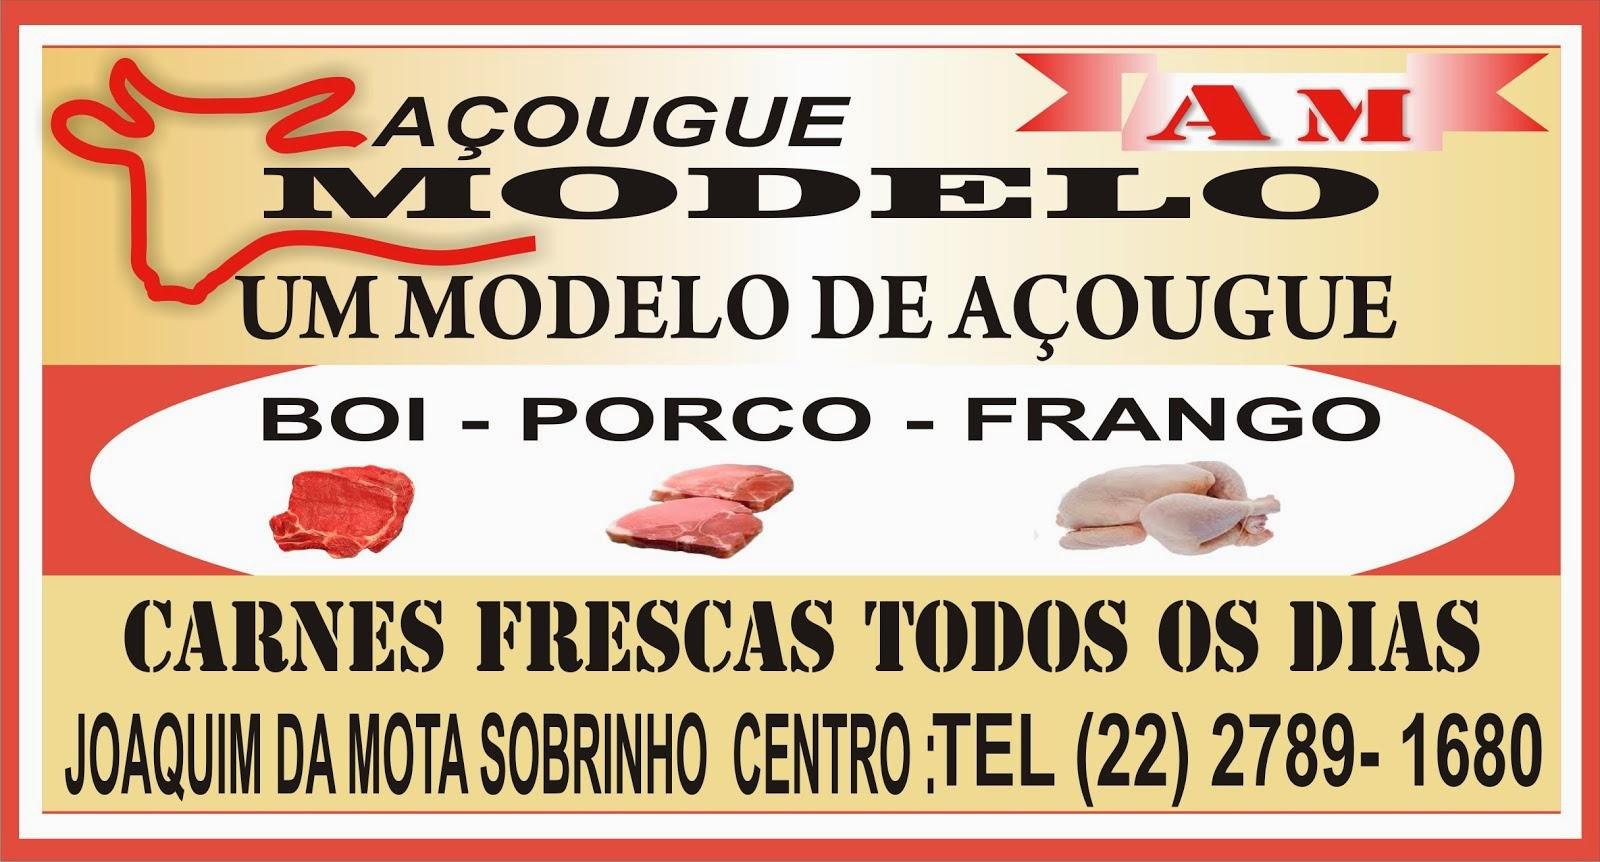 AÇOUGUE MODELO